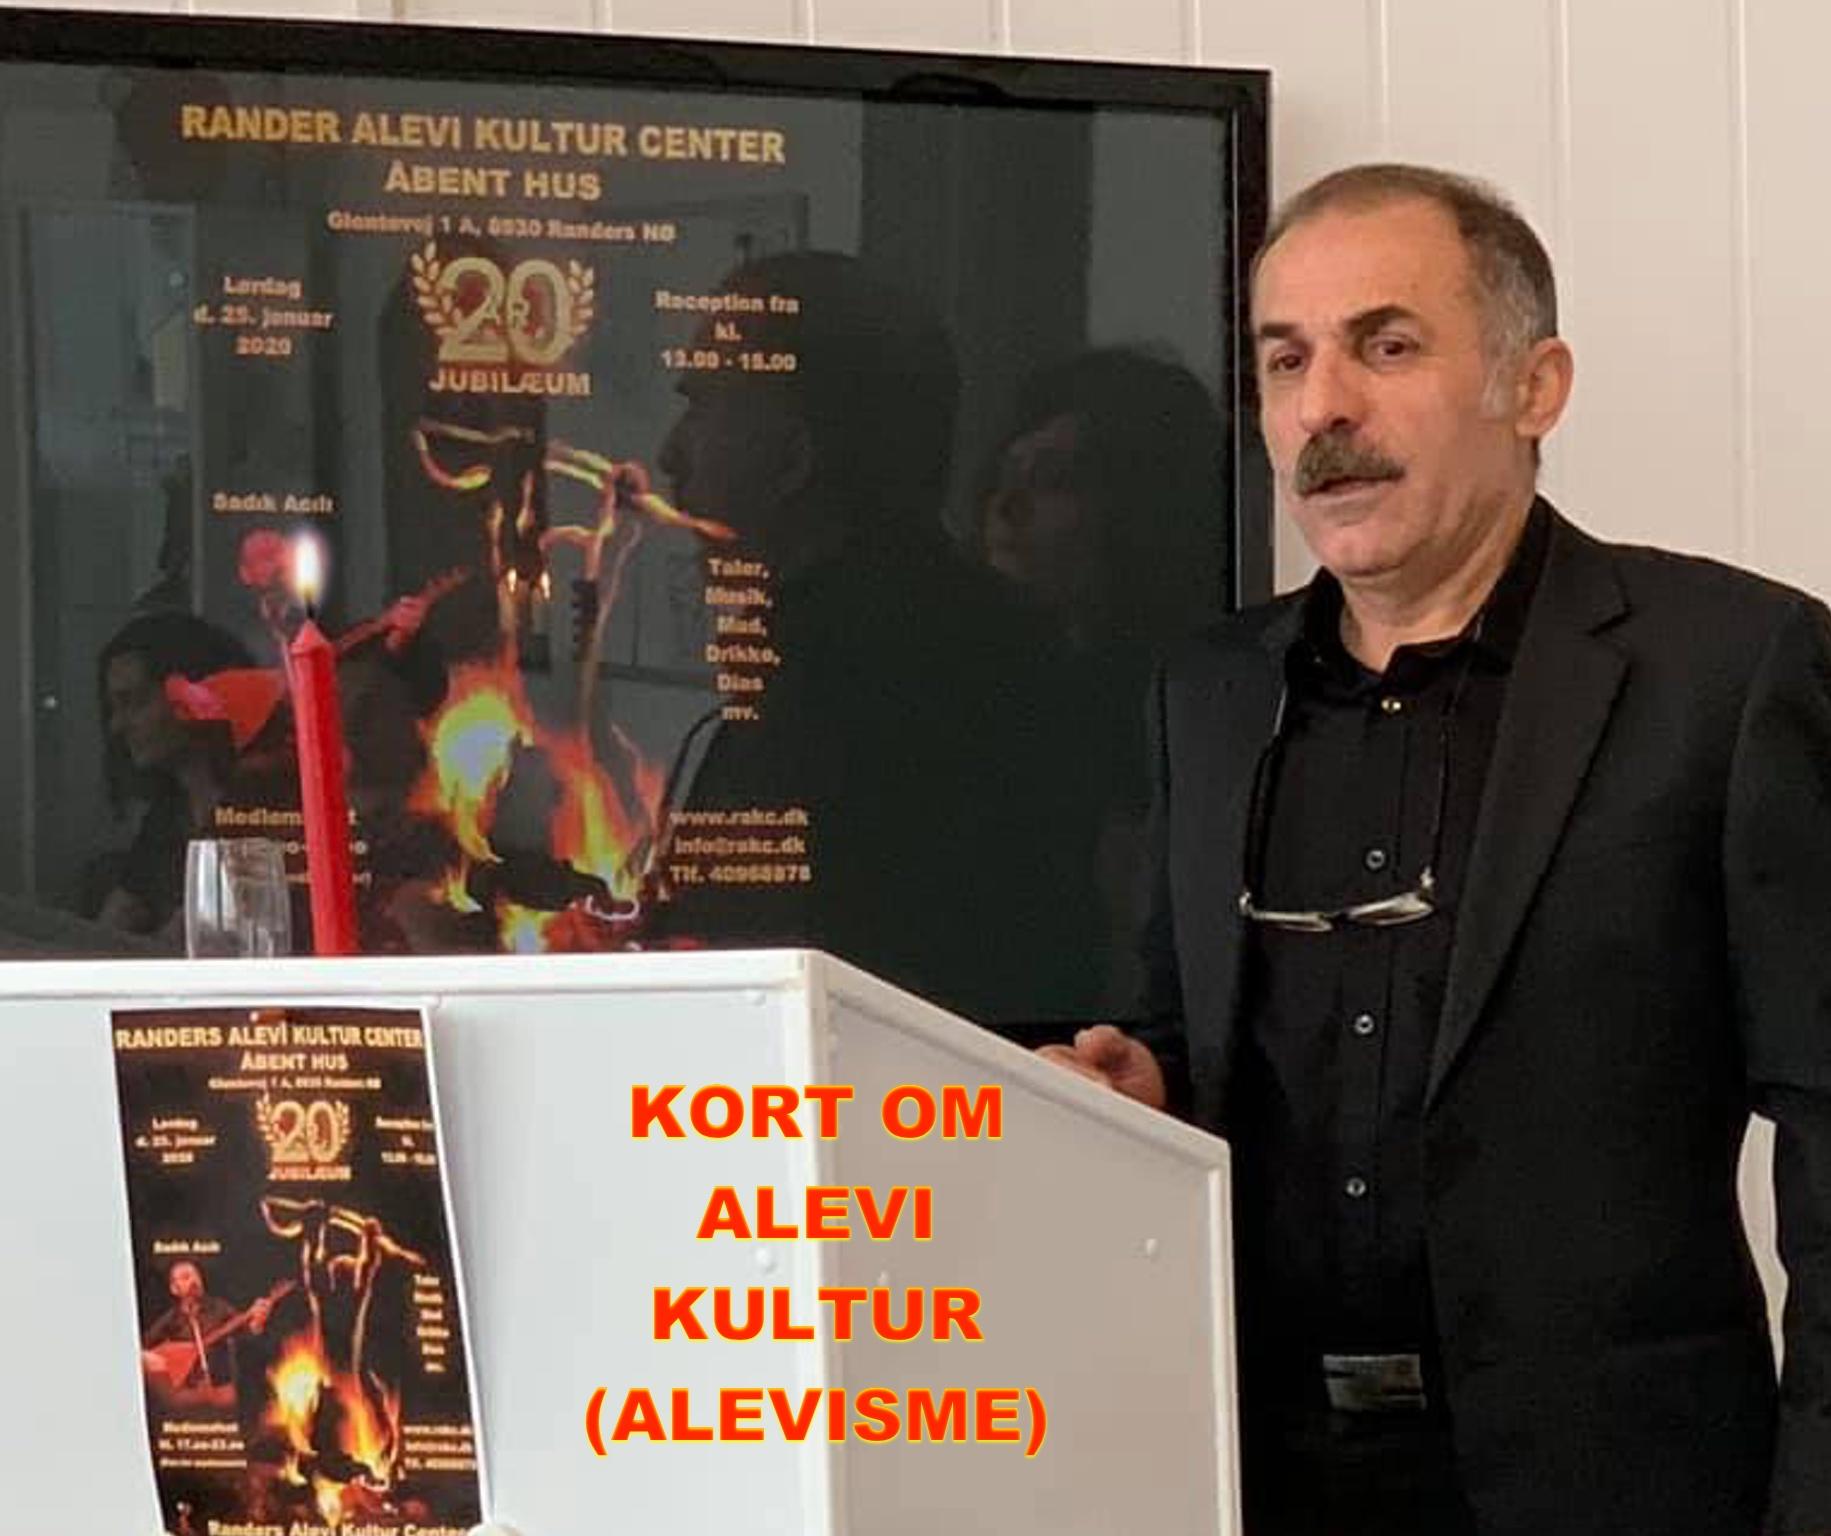 Feramuz-Acar-Kort-om-Alevi-kultur-Alevisme-25-1-2020-1